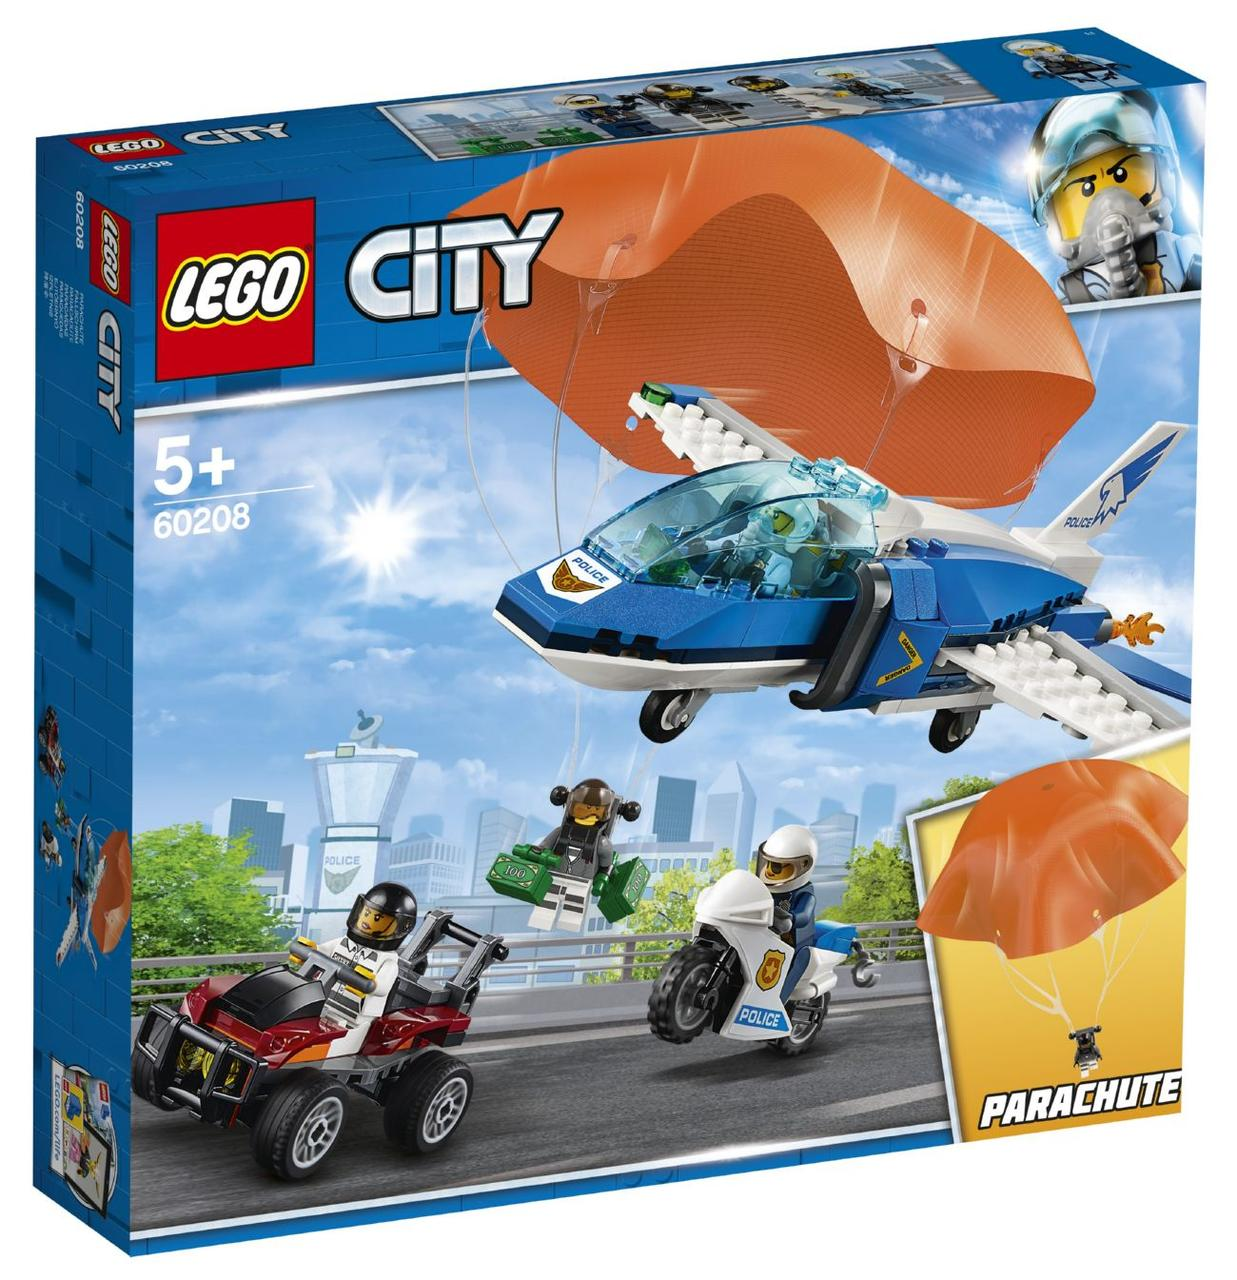 Lego City Повітряна поліція: арешт парашутиста 60208